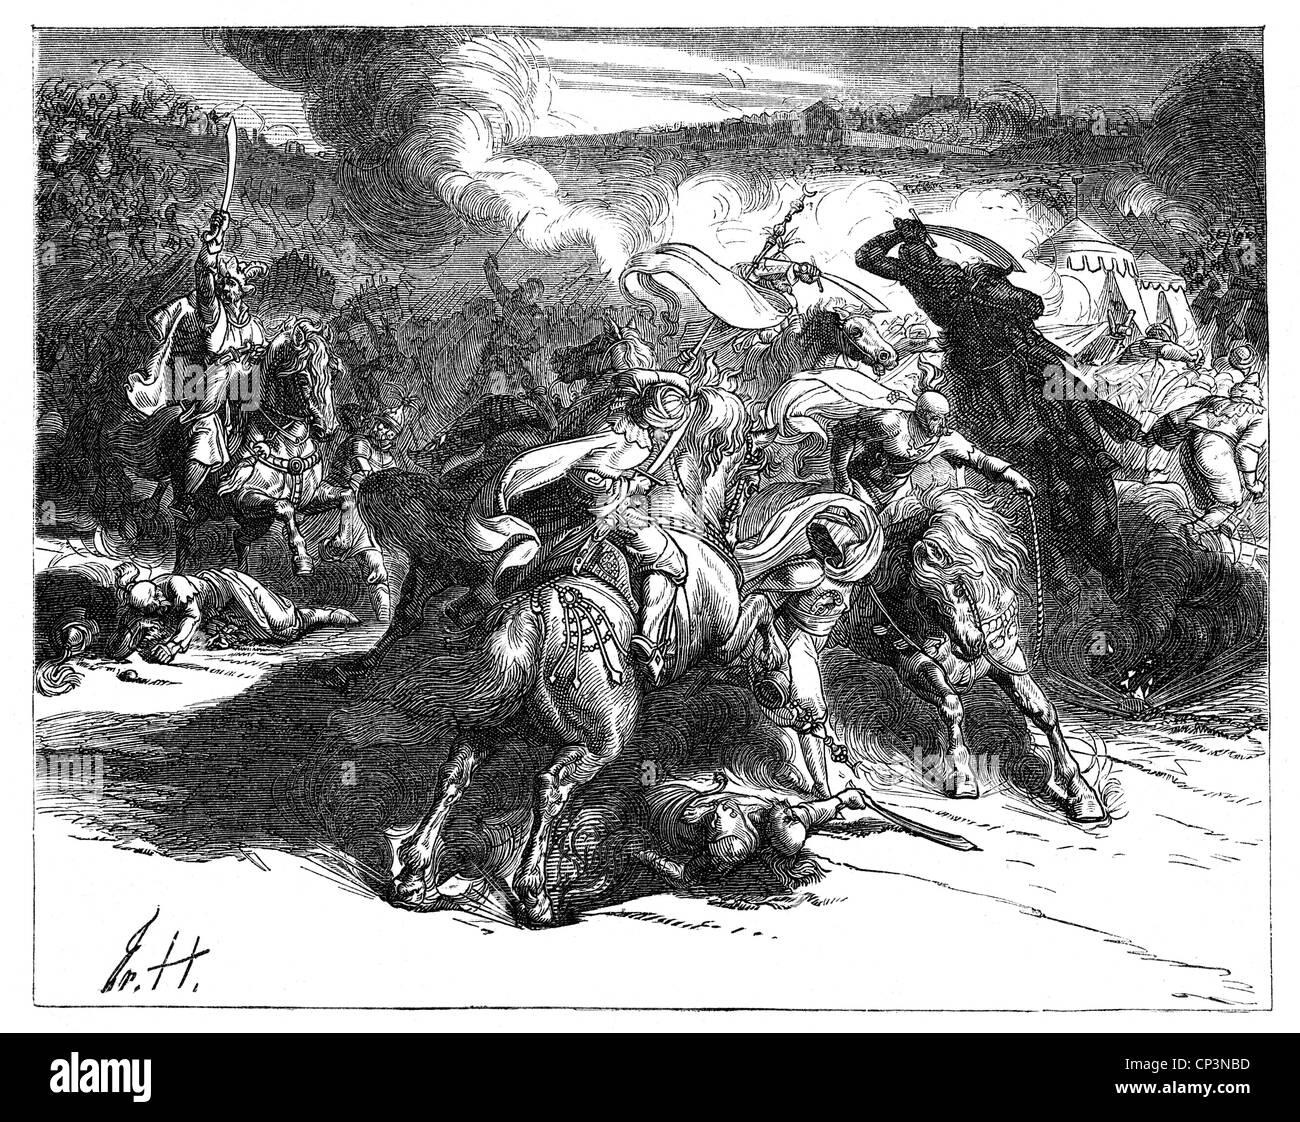 events, Great Turkish War 1683 - 1699, Battle of Vienna